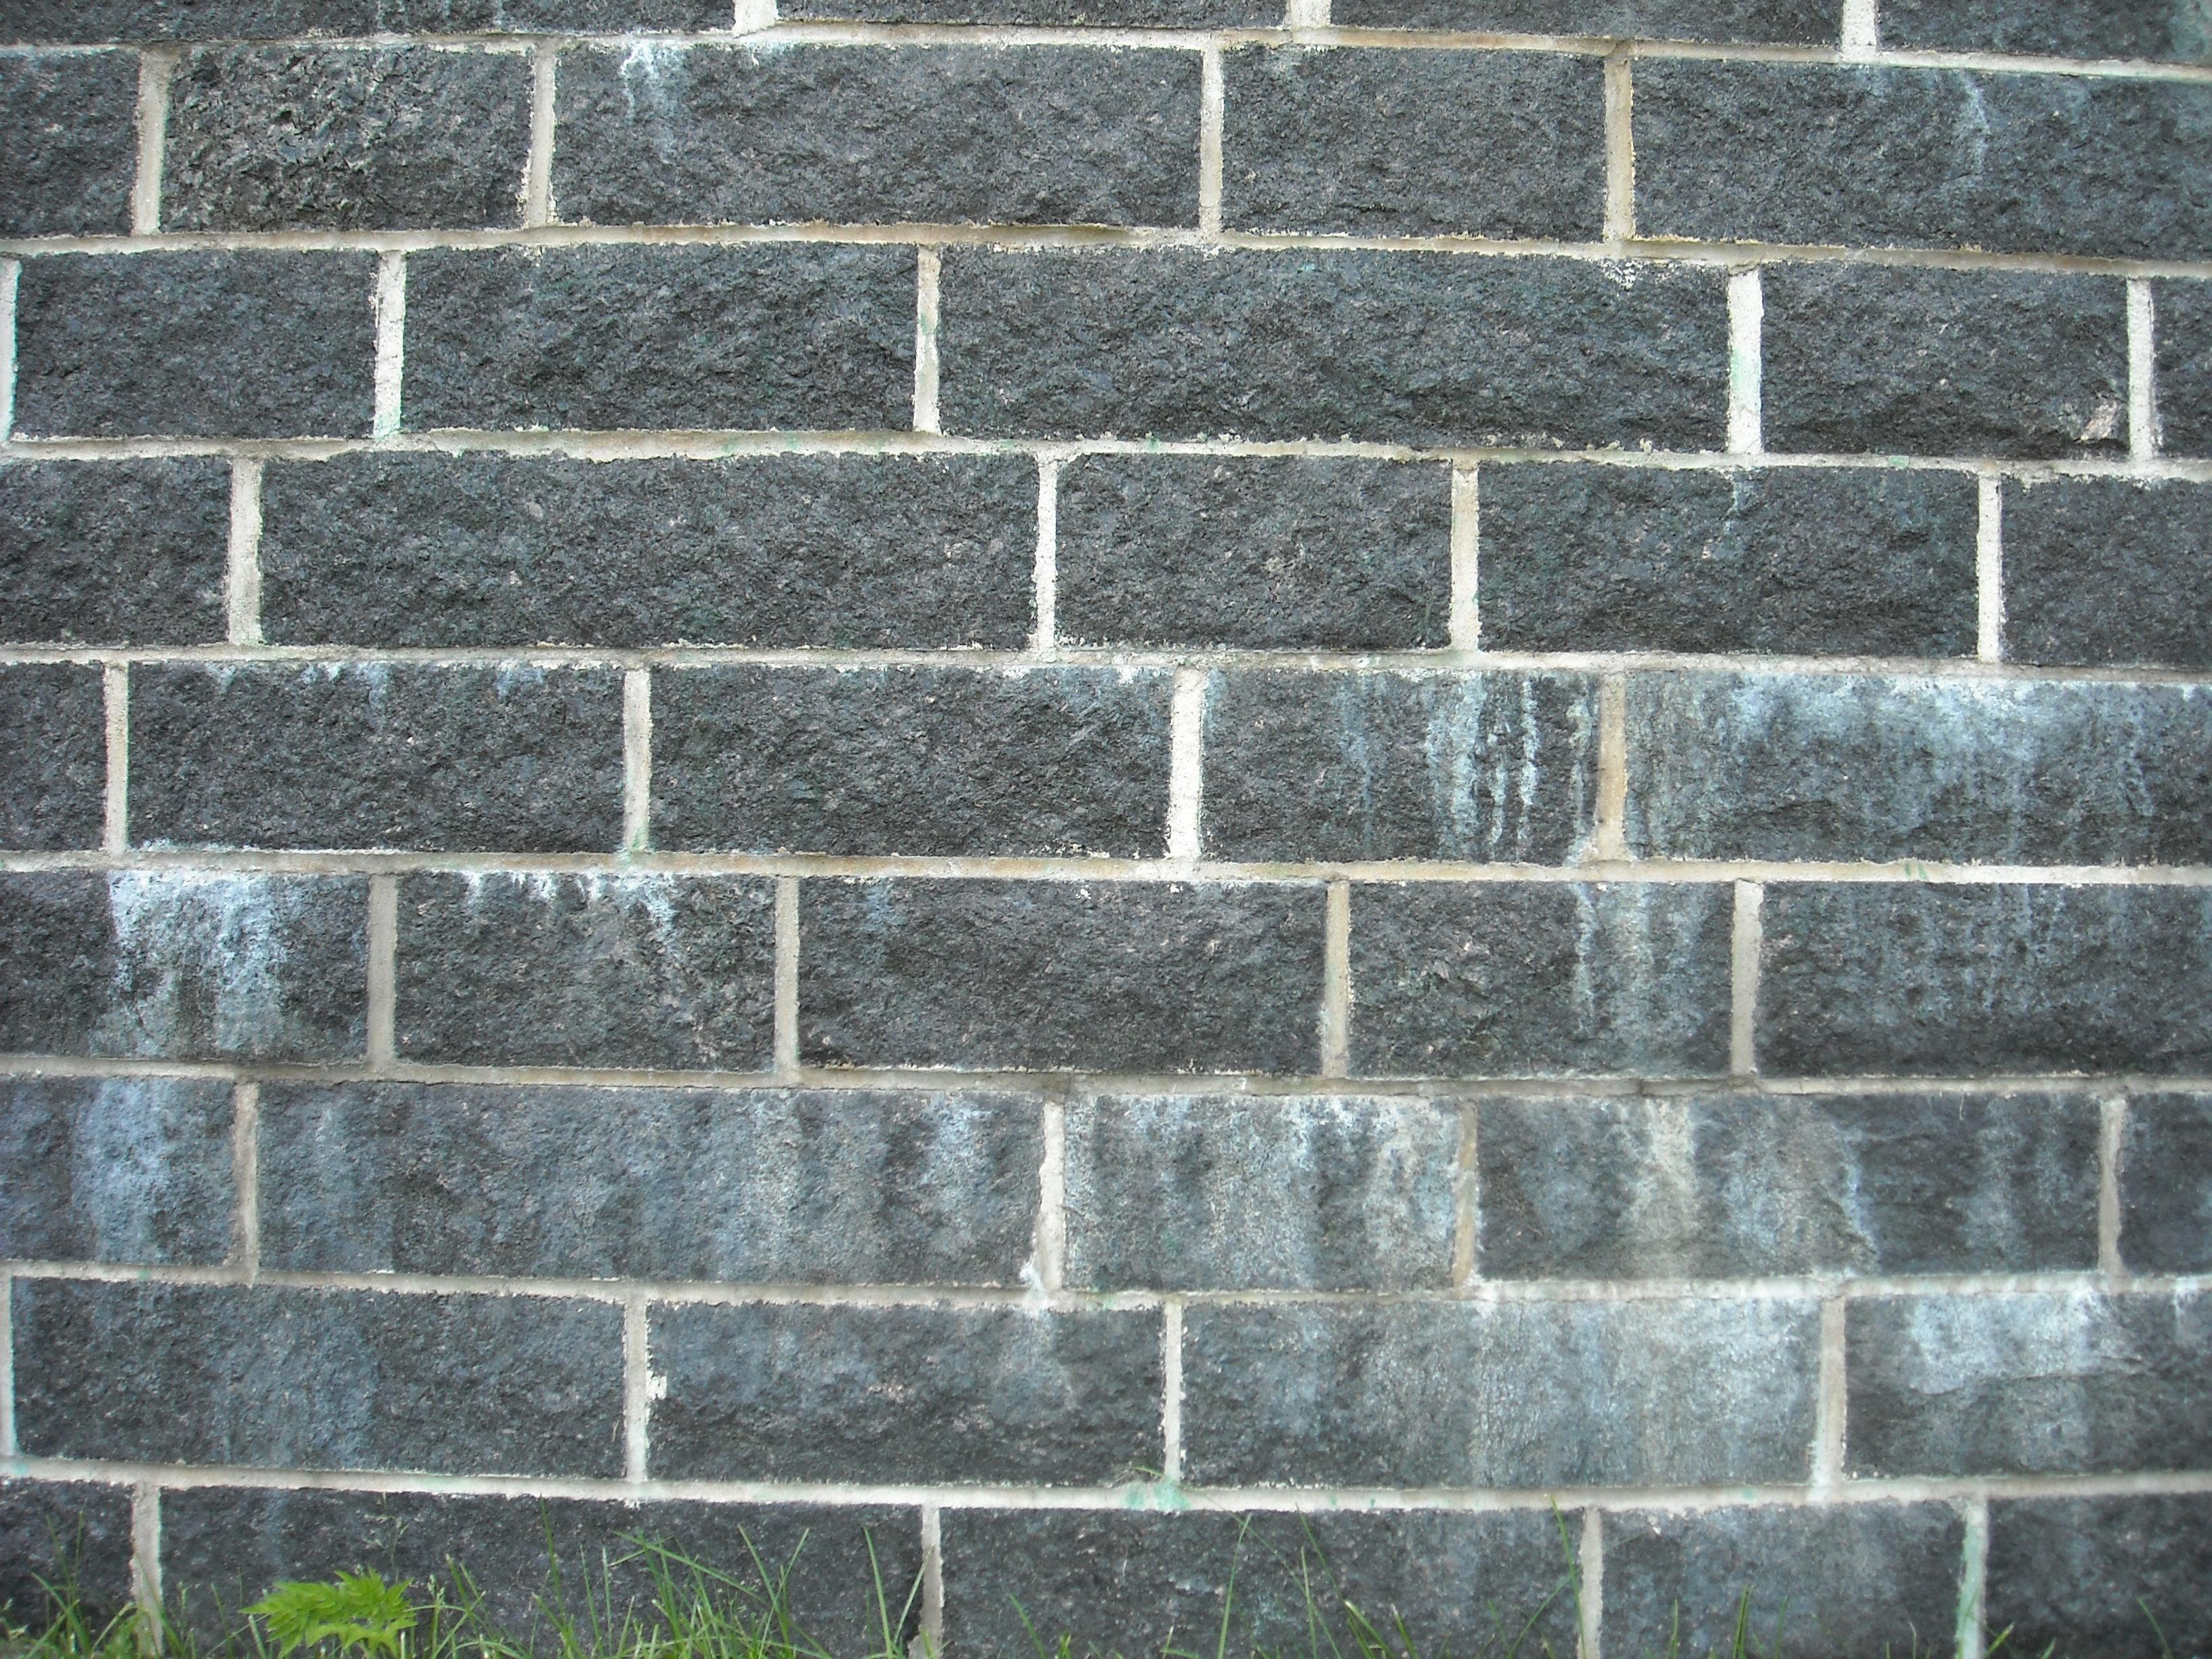 File:Brick wall background.jpg - Wikimedia Commons: https://commons.wikimedia.org/wiki/file:brick_wall_background.jpg